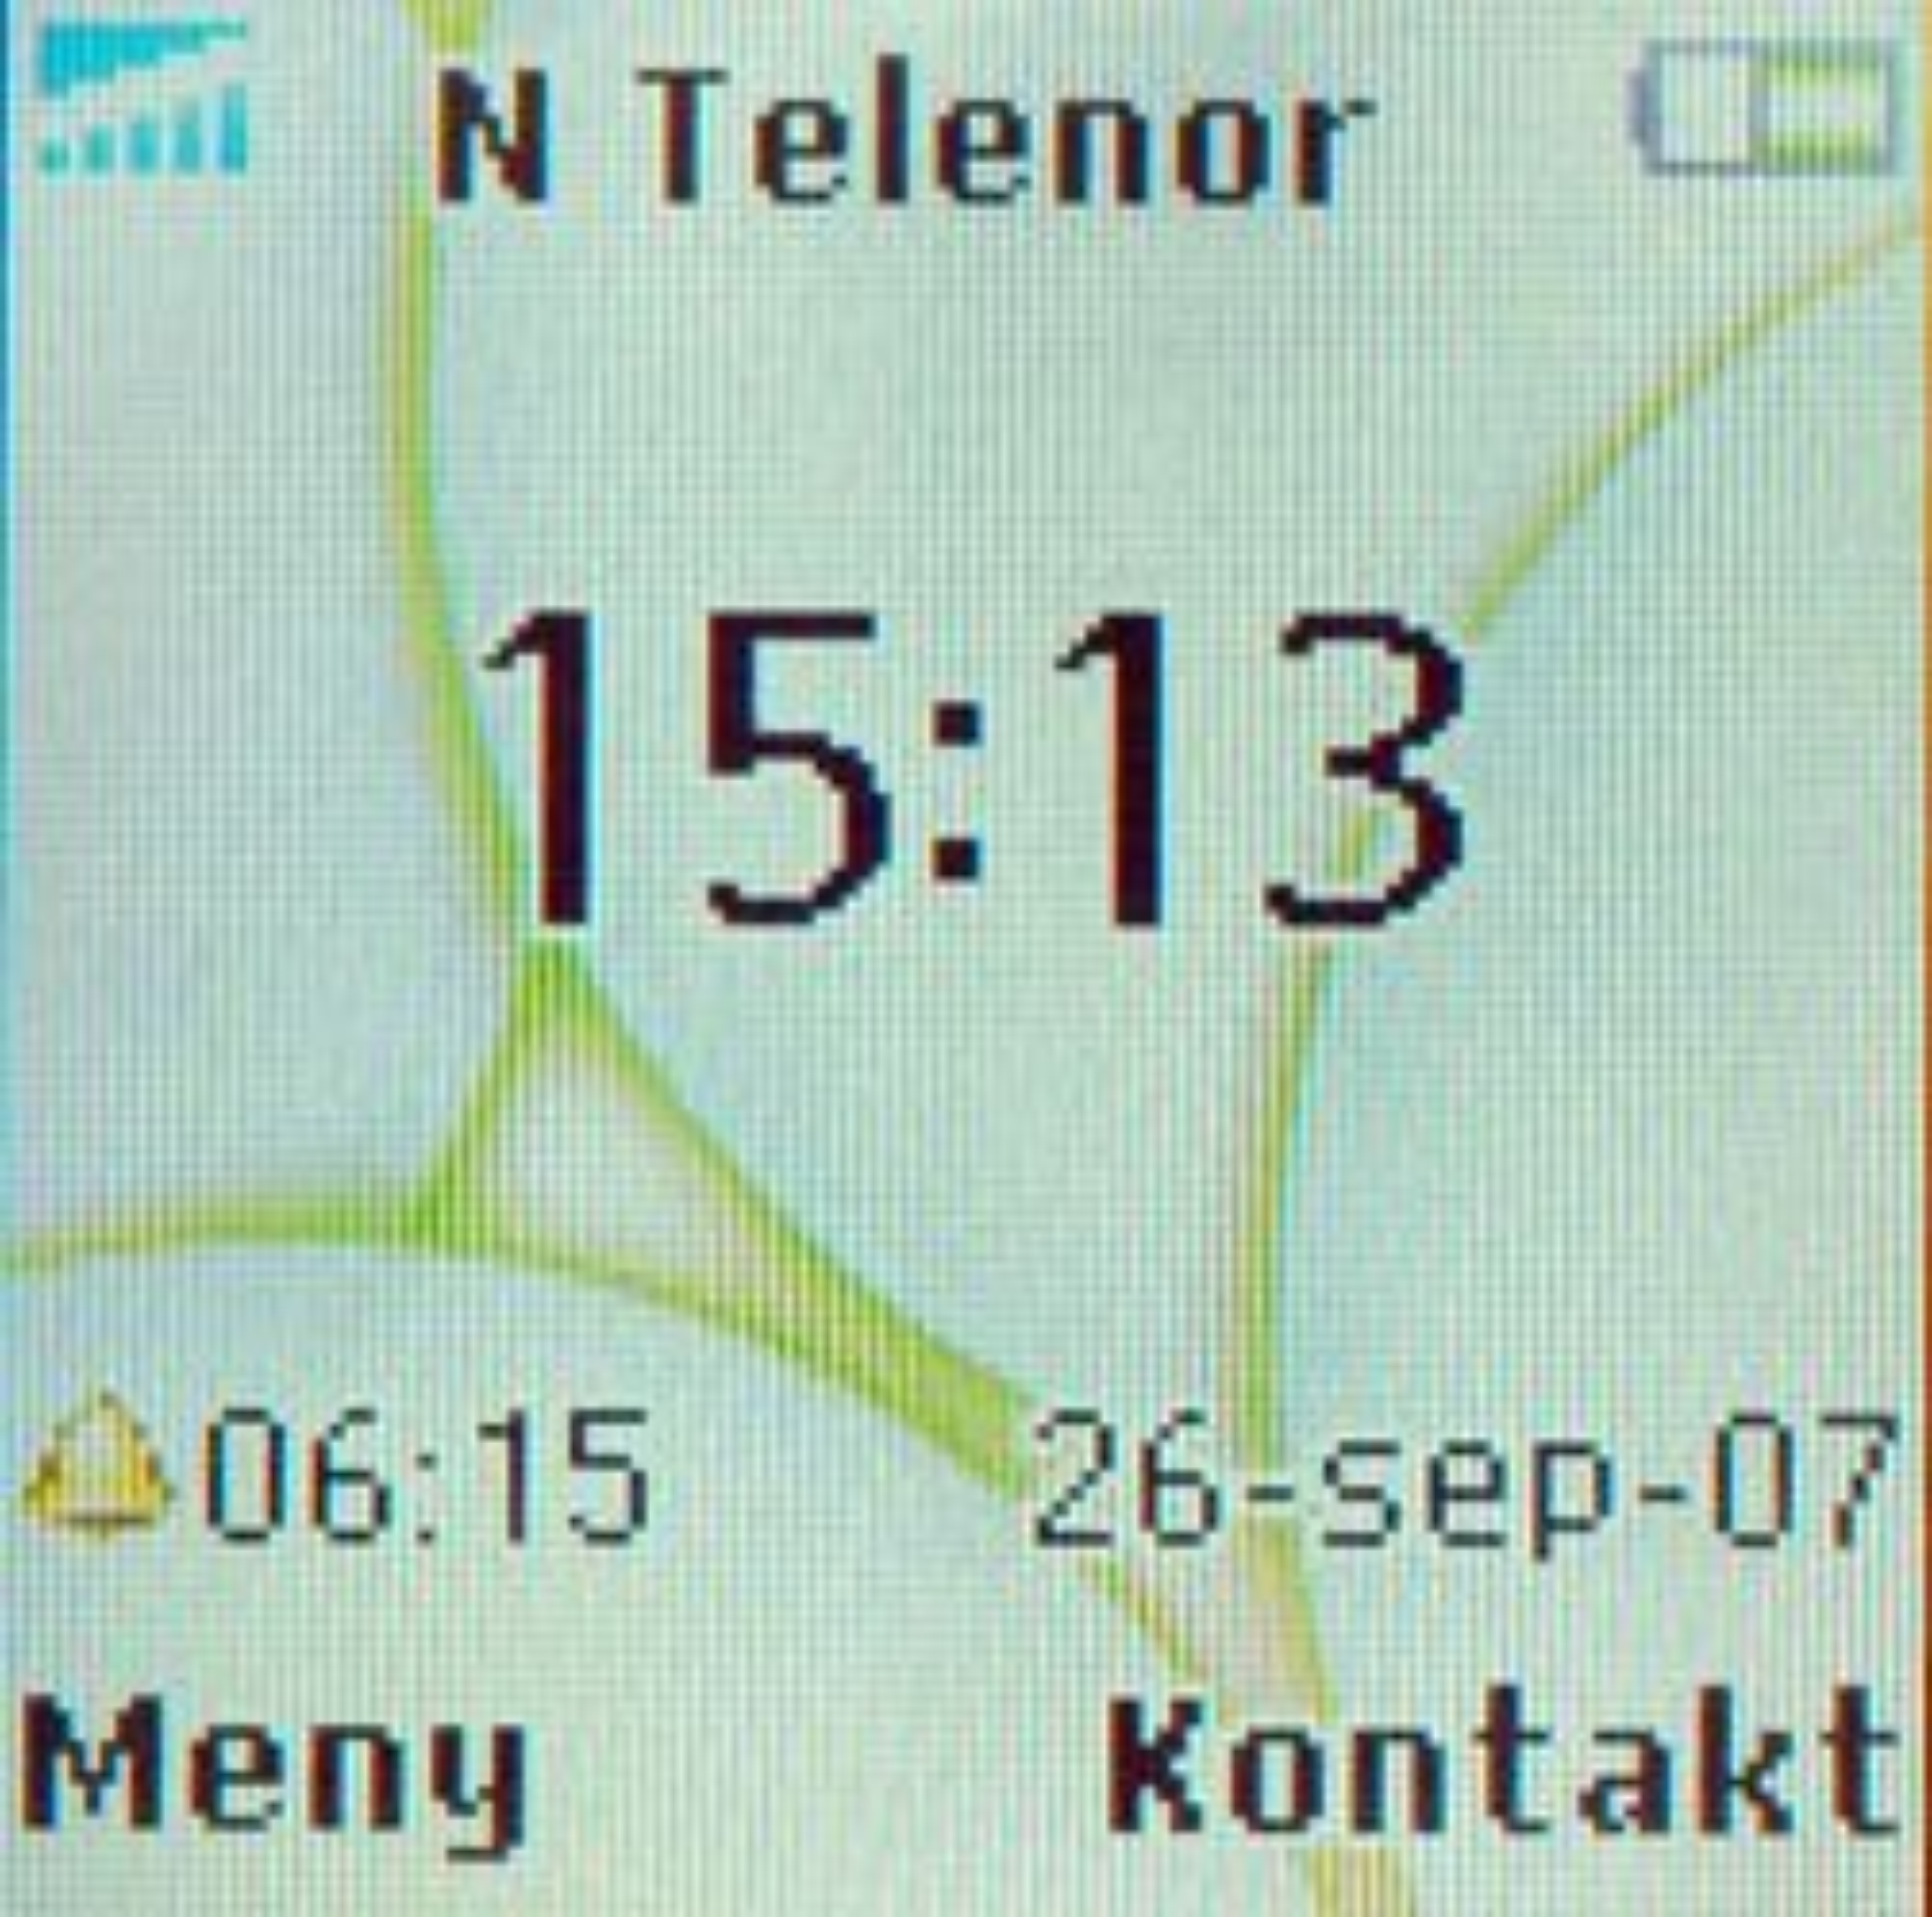 Klokken vises tydelig på skjermen.